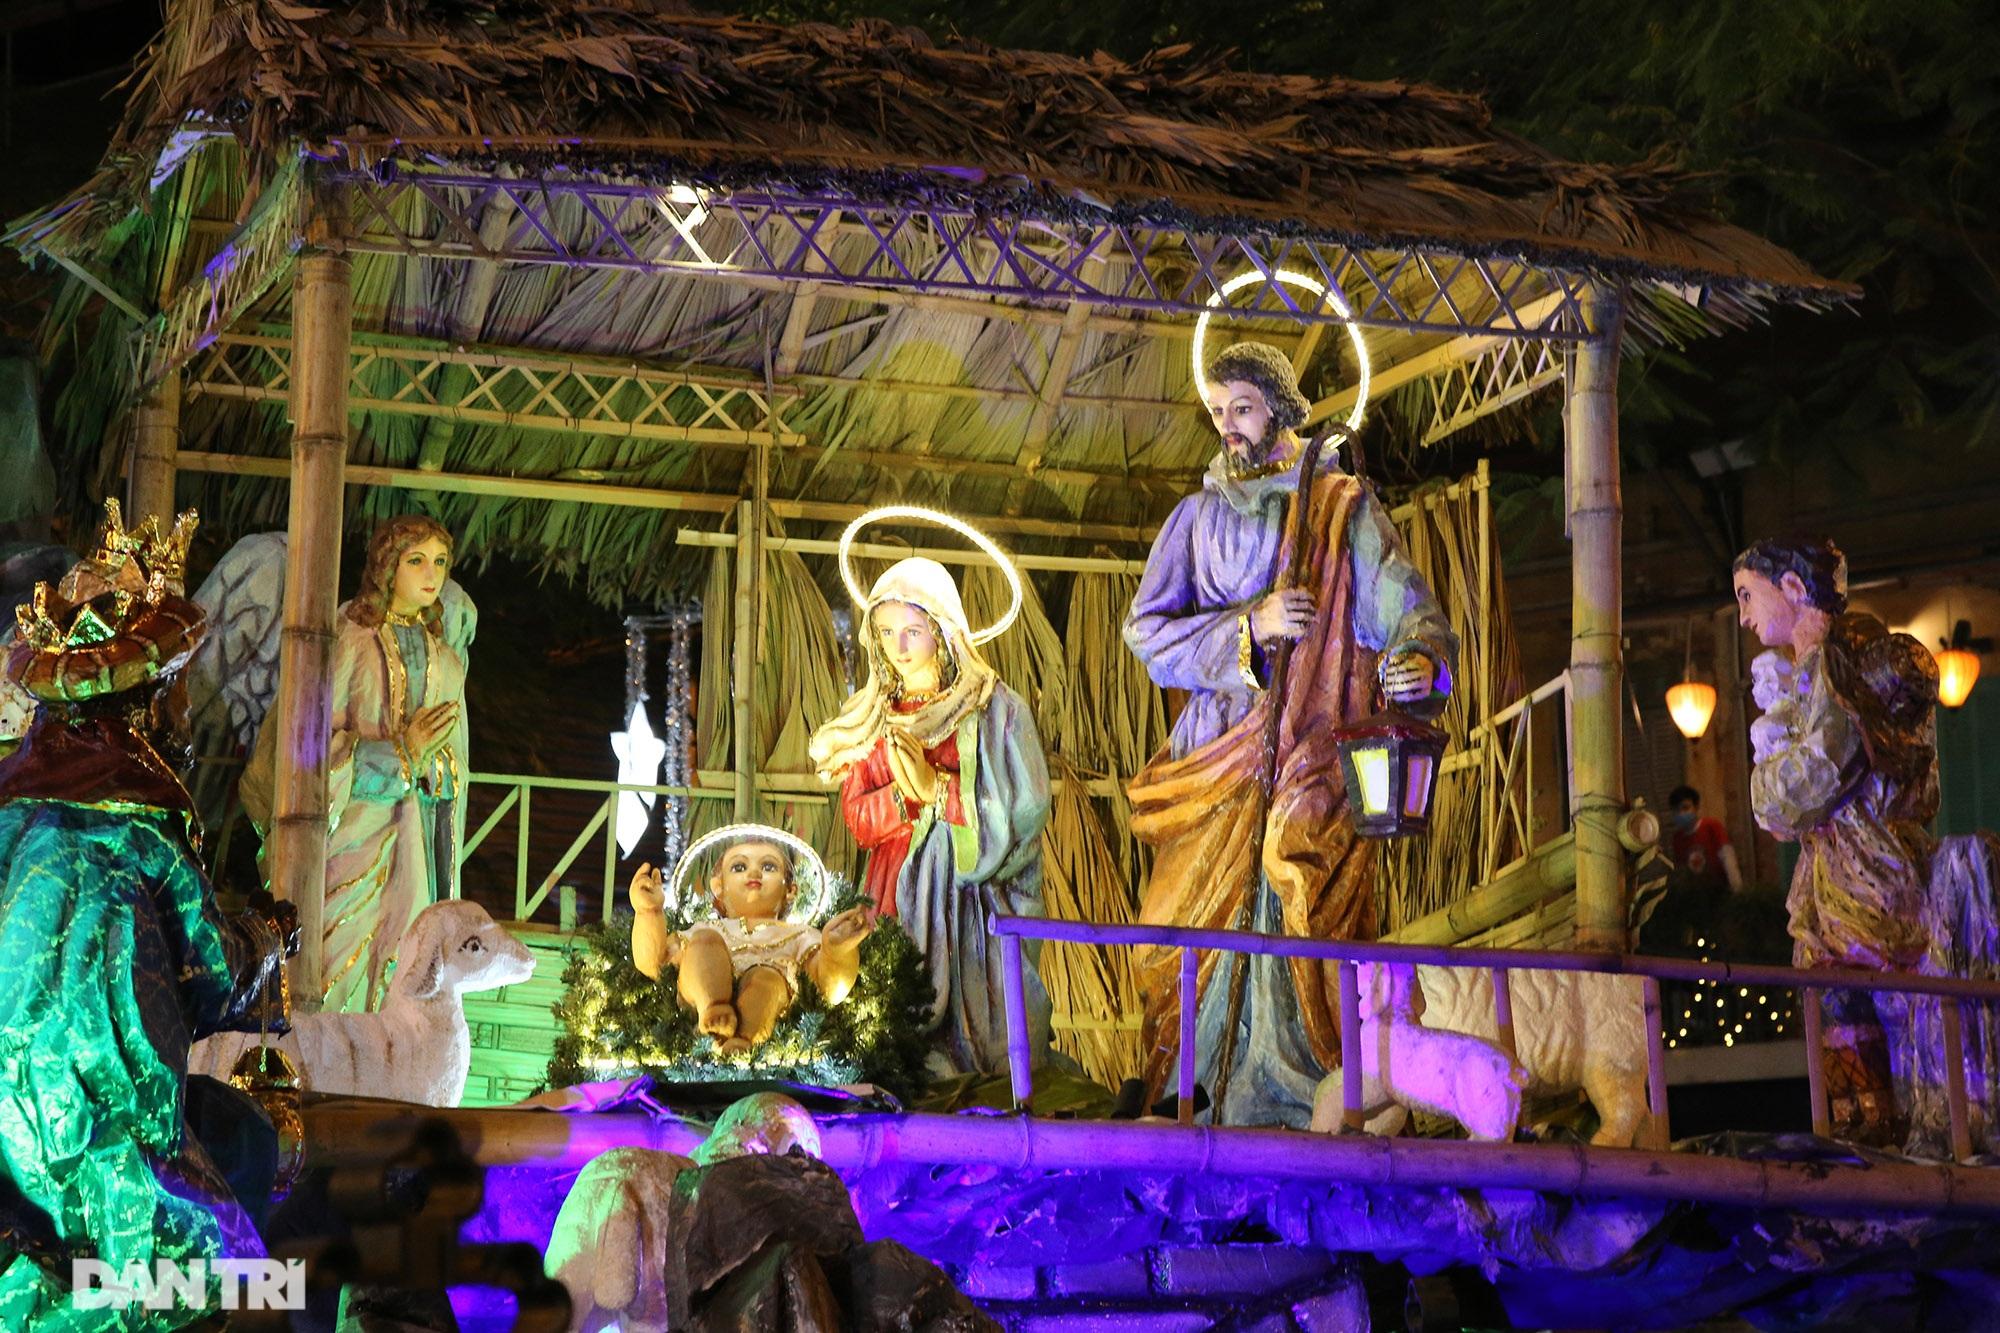 Các nhà thờ tại Hà Nội nhộn nhịp, trang hoàng chờ đón Giáng sinh 2020 - 2